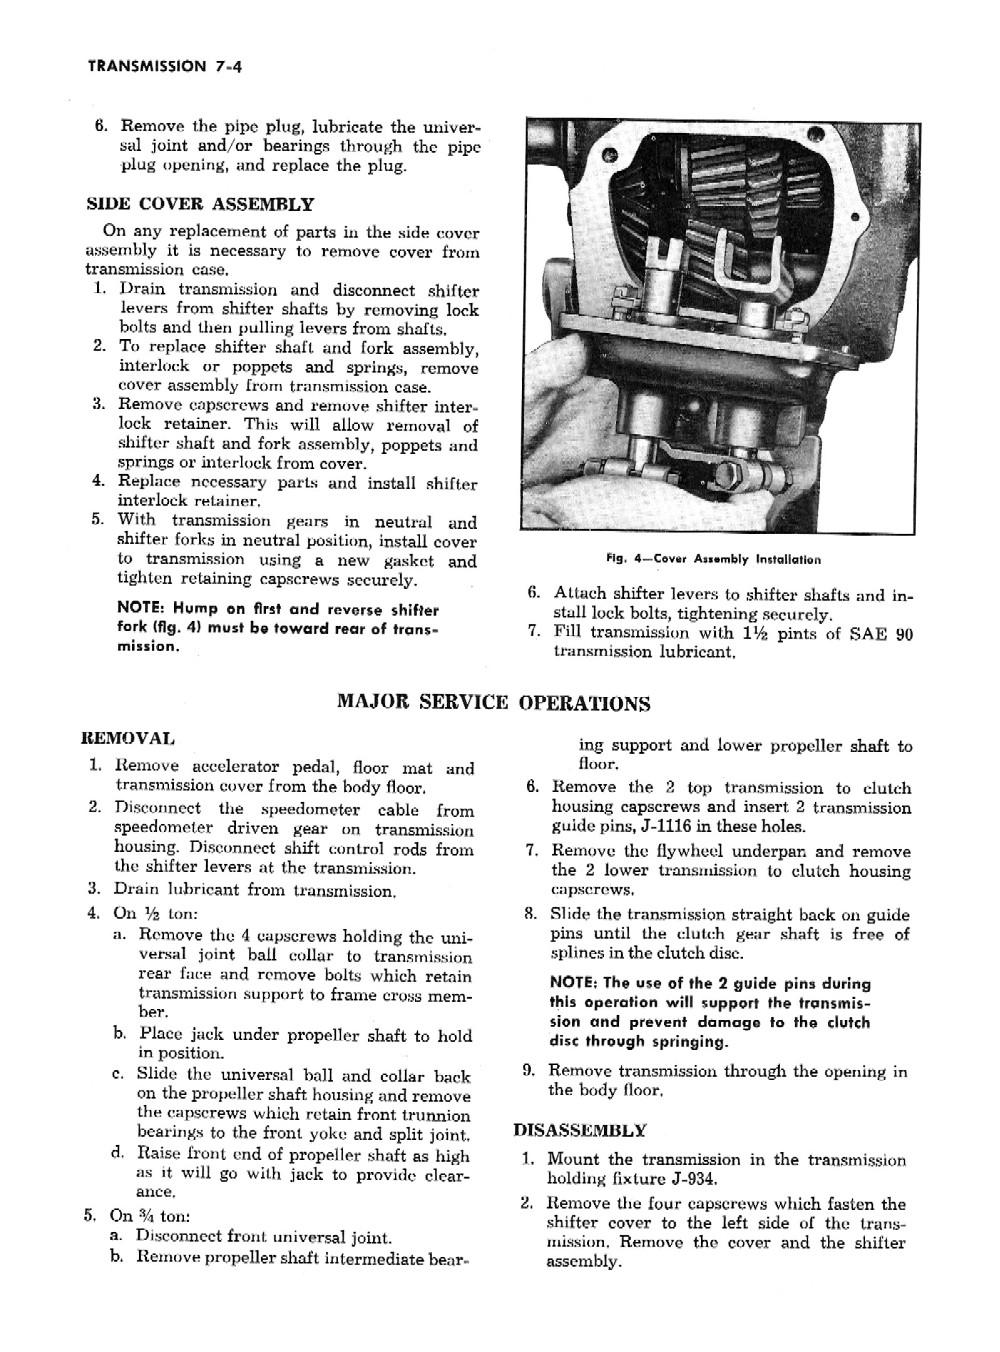 1954 chevrolet truck shop manual